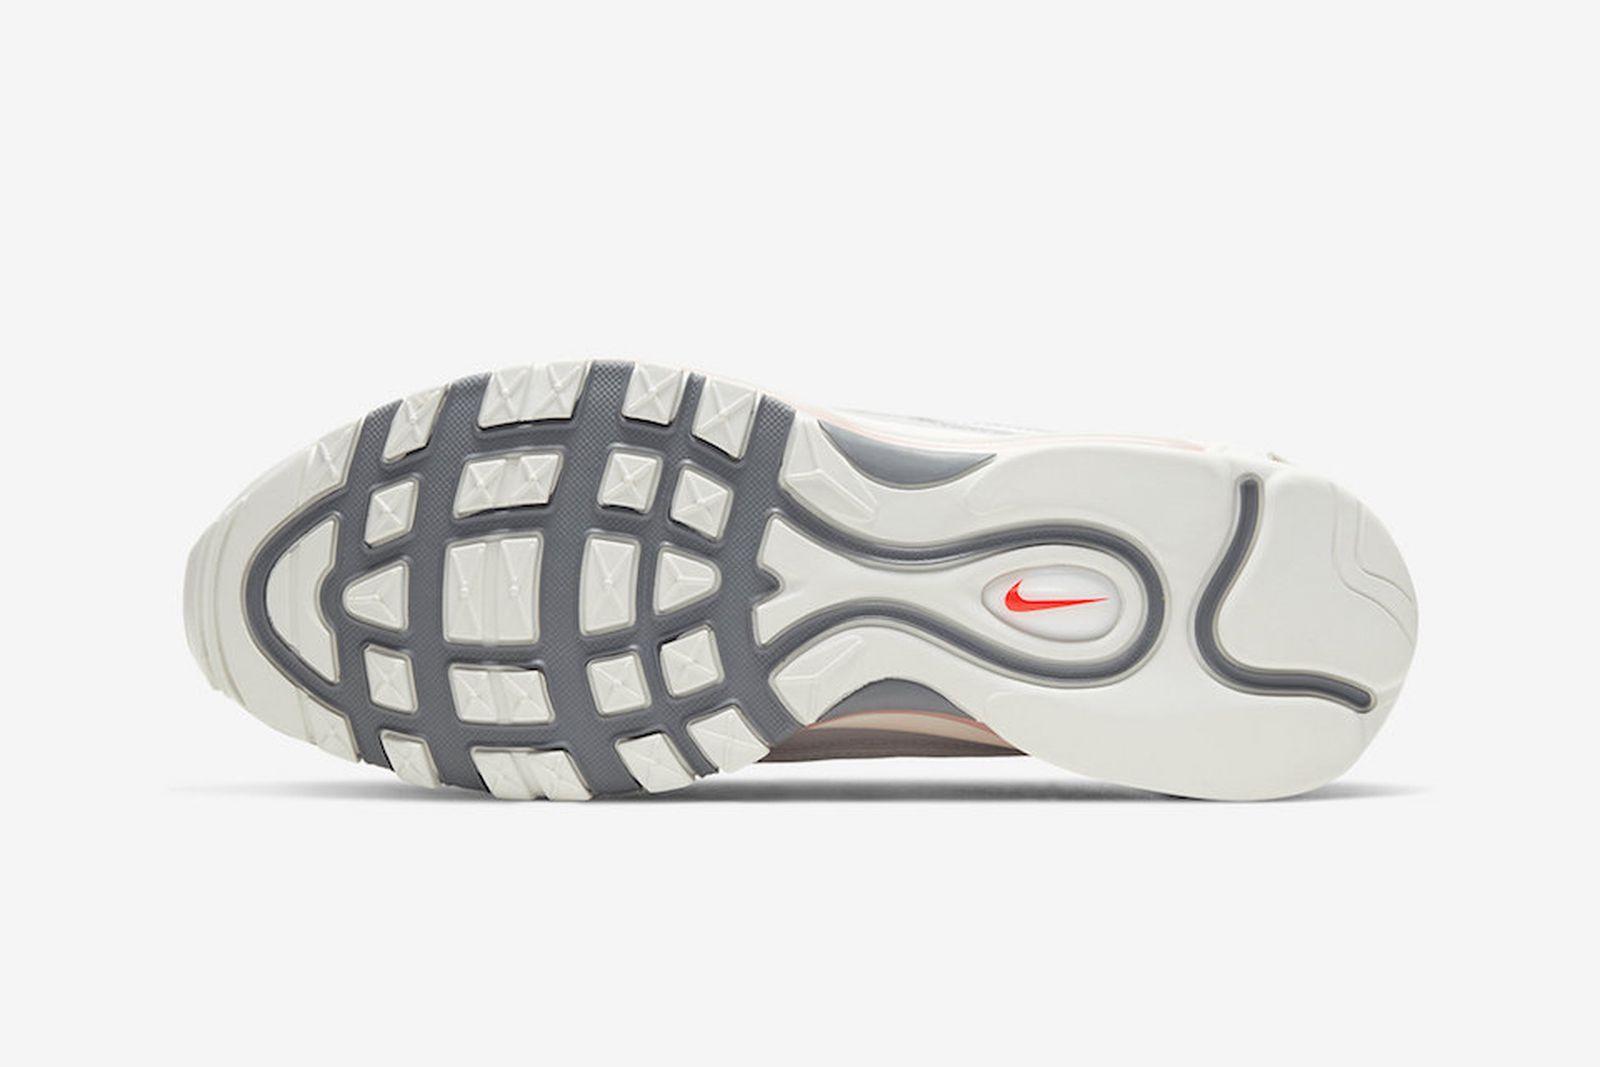 Nike Air Max 98 Grey, Sail, Habanero Red